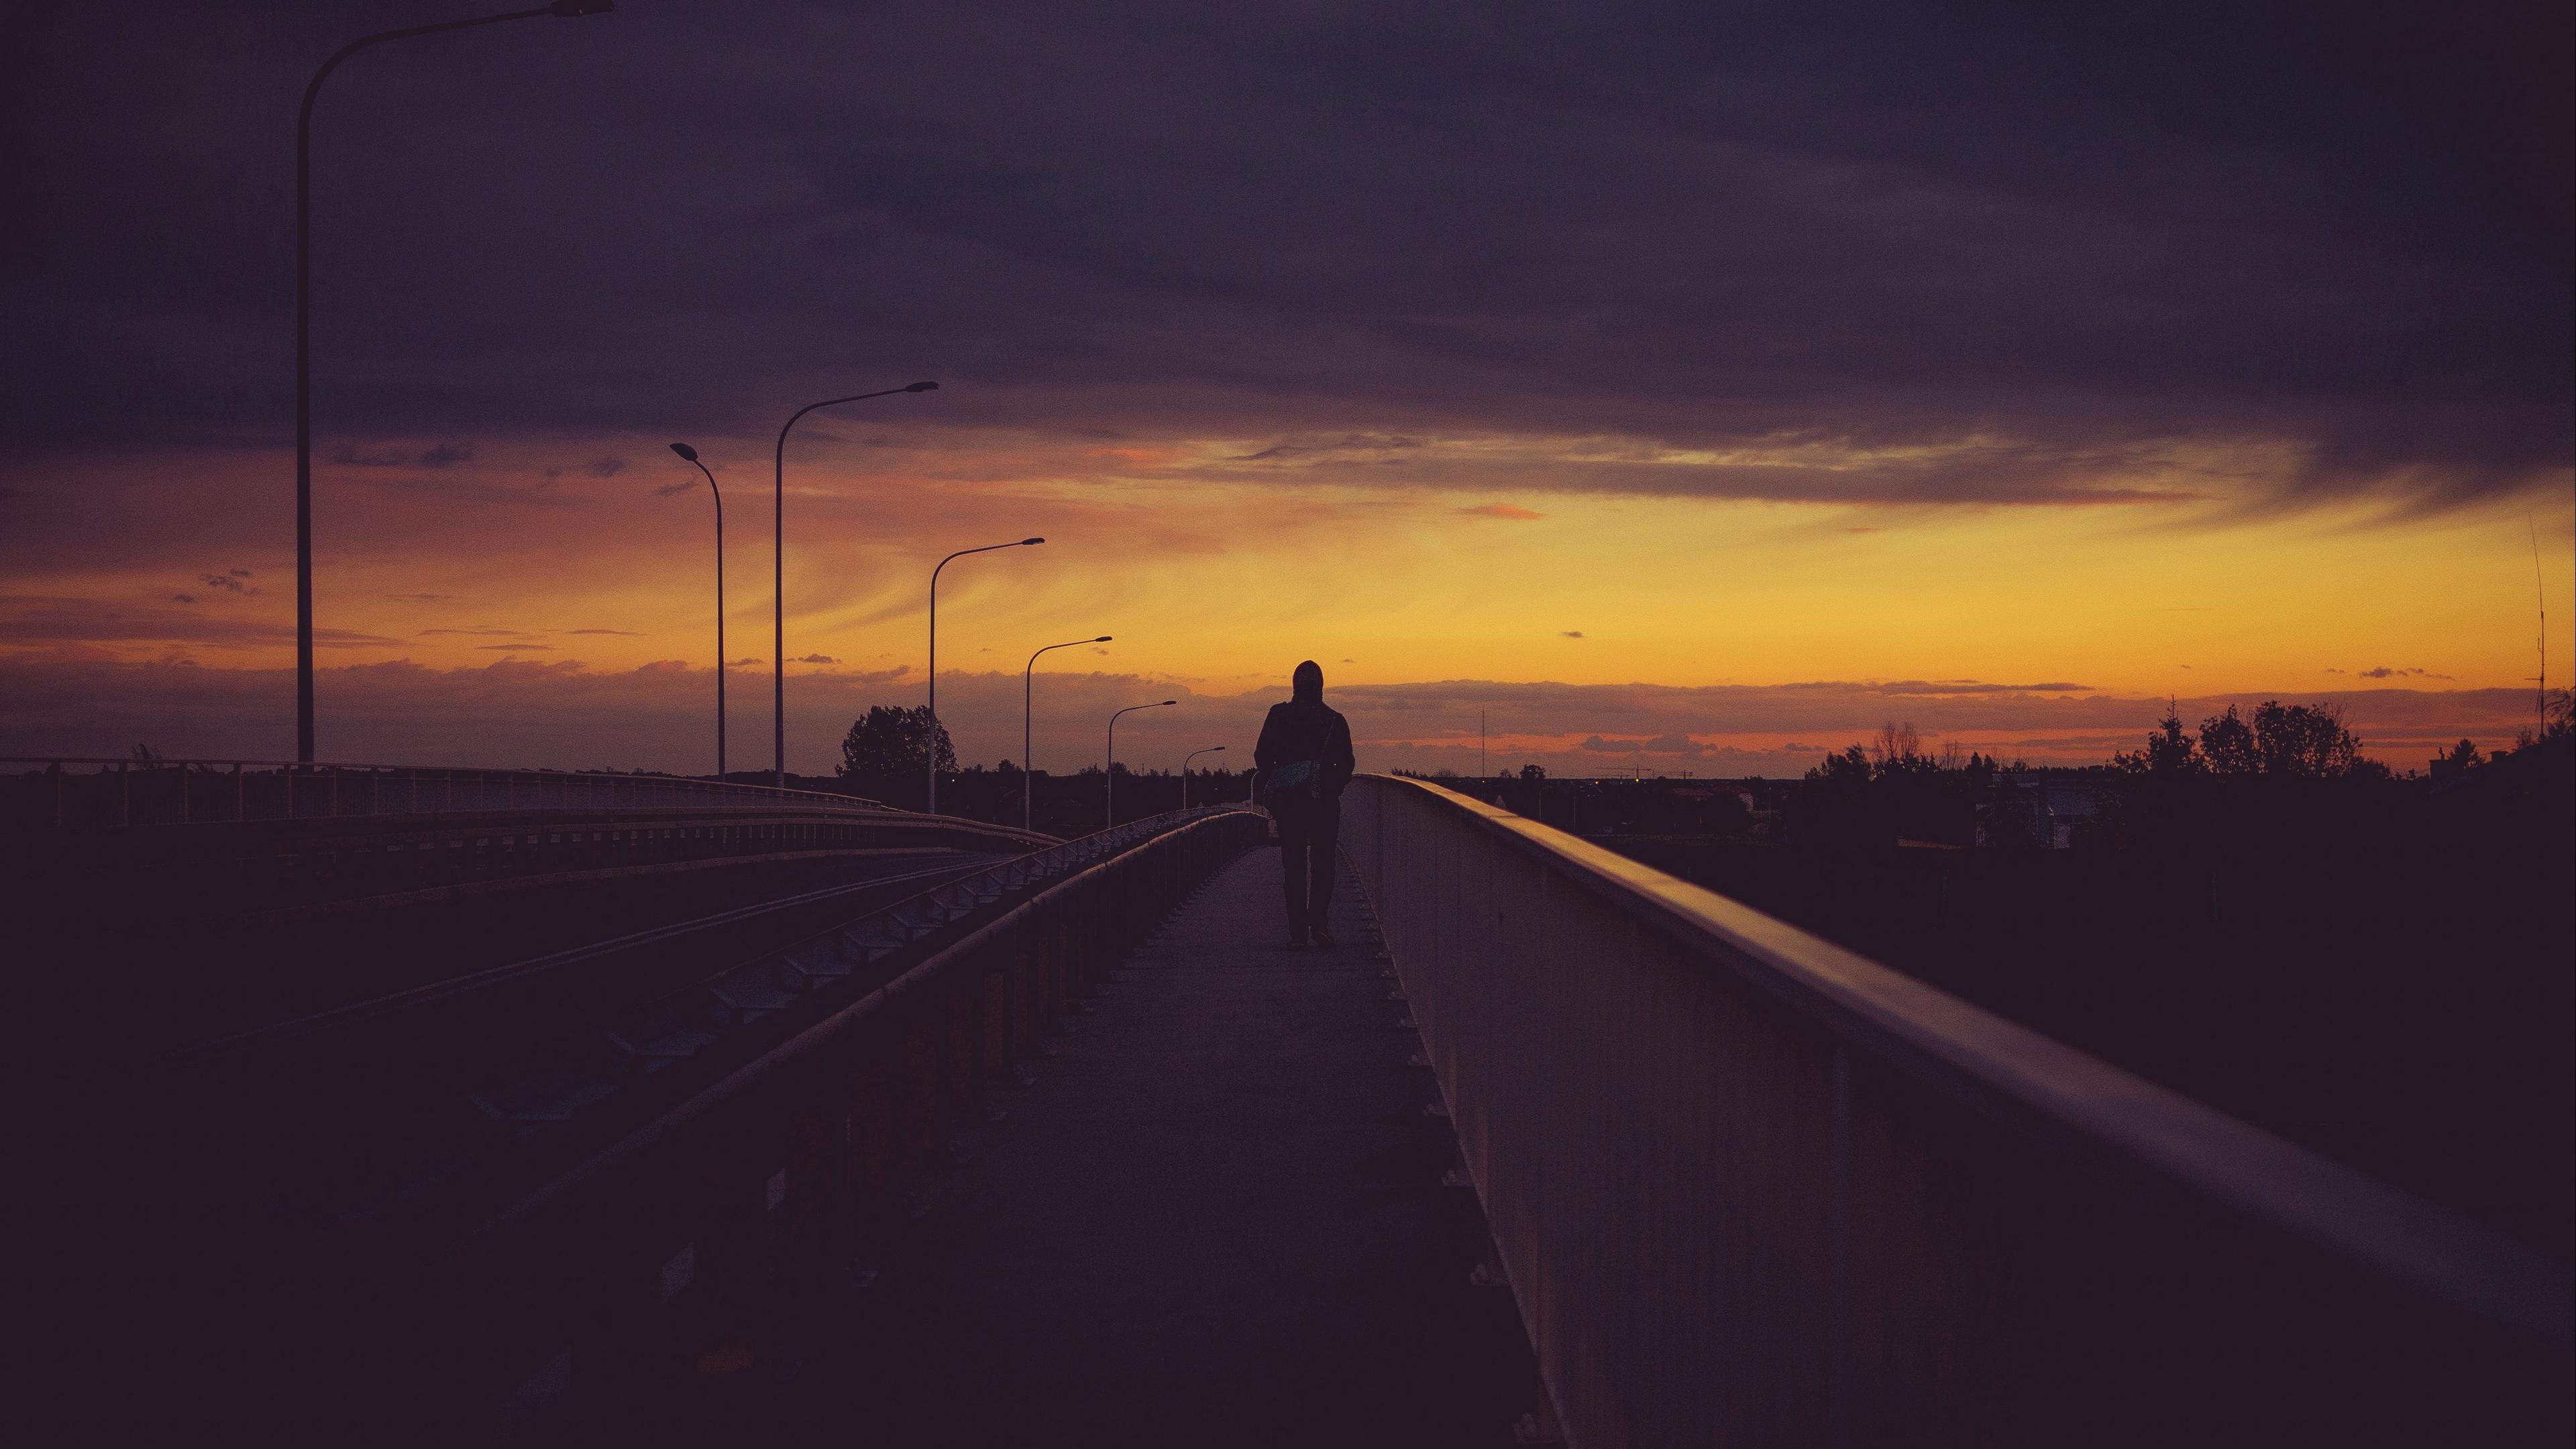 bridge man night solitude 4k 1540574437 - bridge, man, night, solitude 4k - Night, Man, bridge